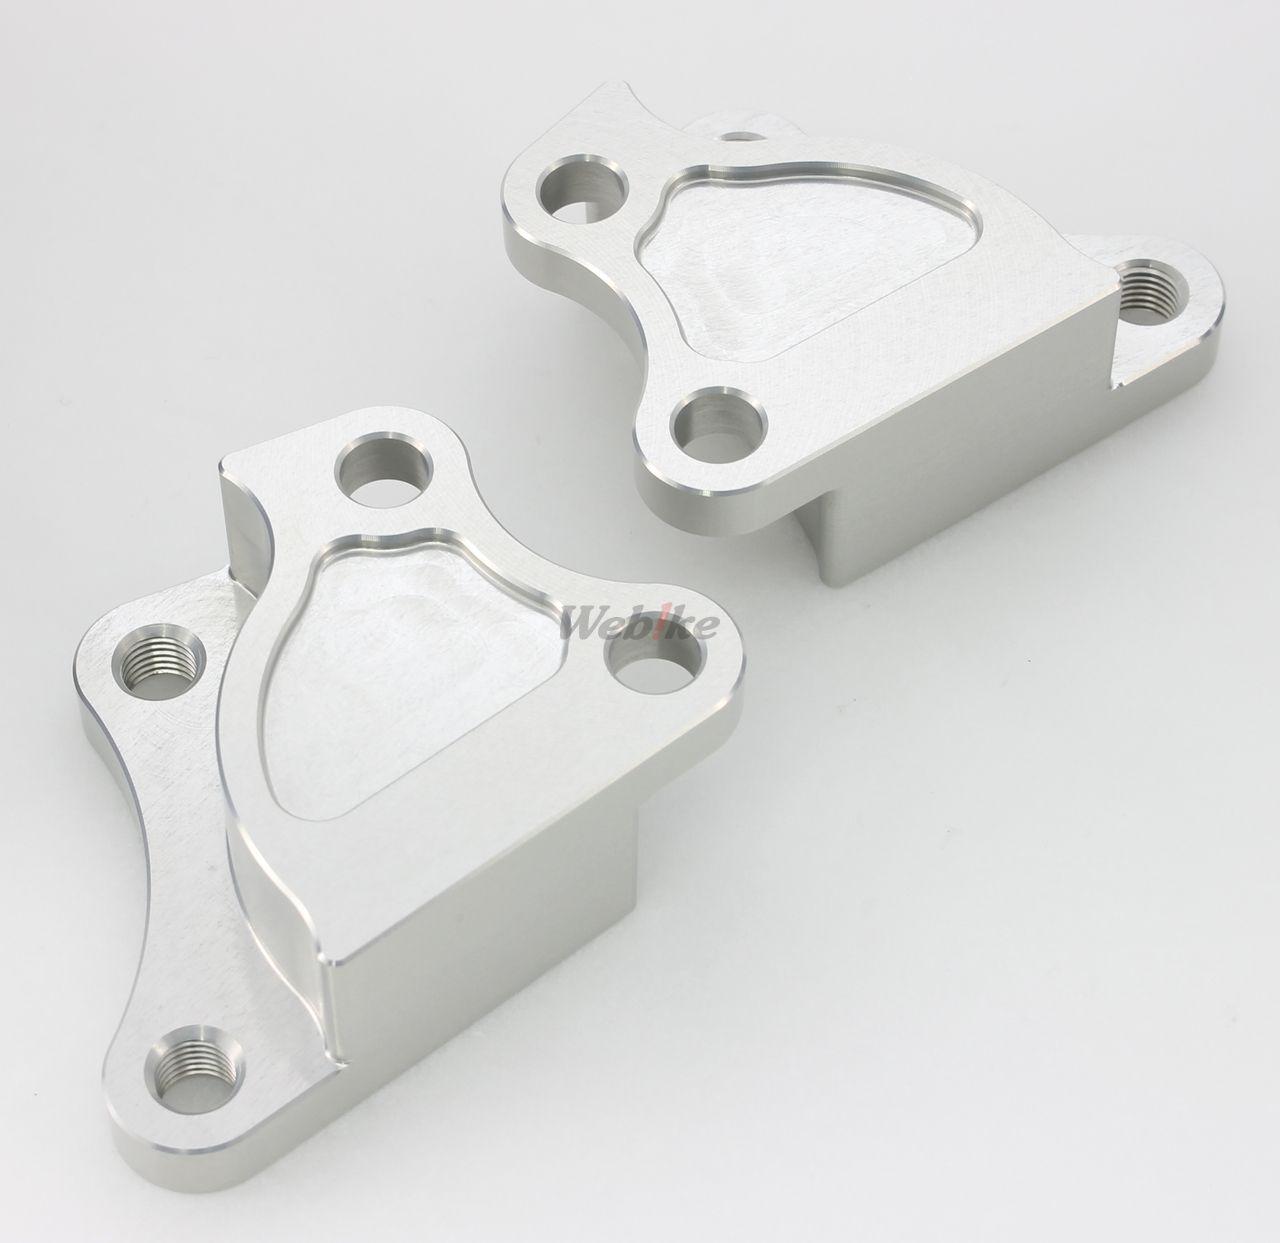 【ACTIVE】前煞車卡鉗座 (Brembo製 40mm & 標準型碟盤直徑) - 「Webike-摩托百貨」